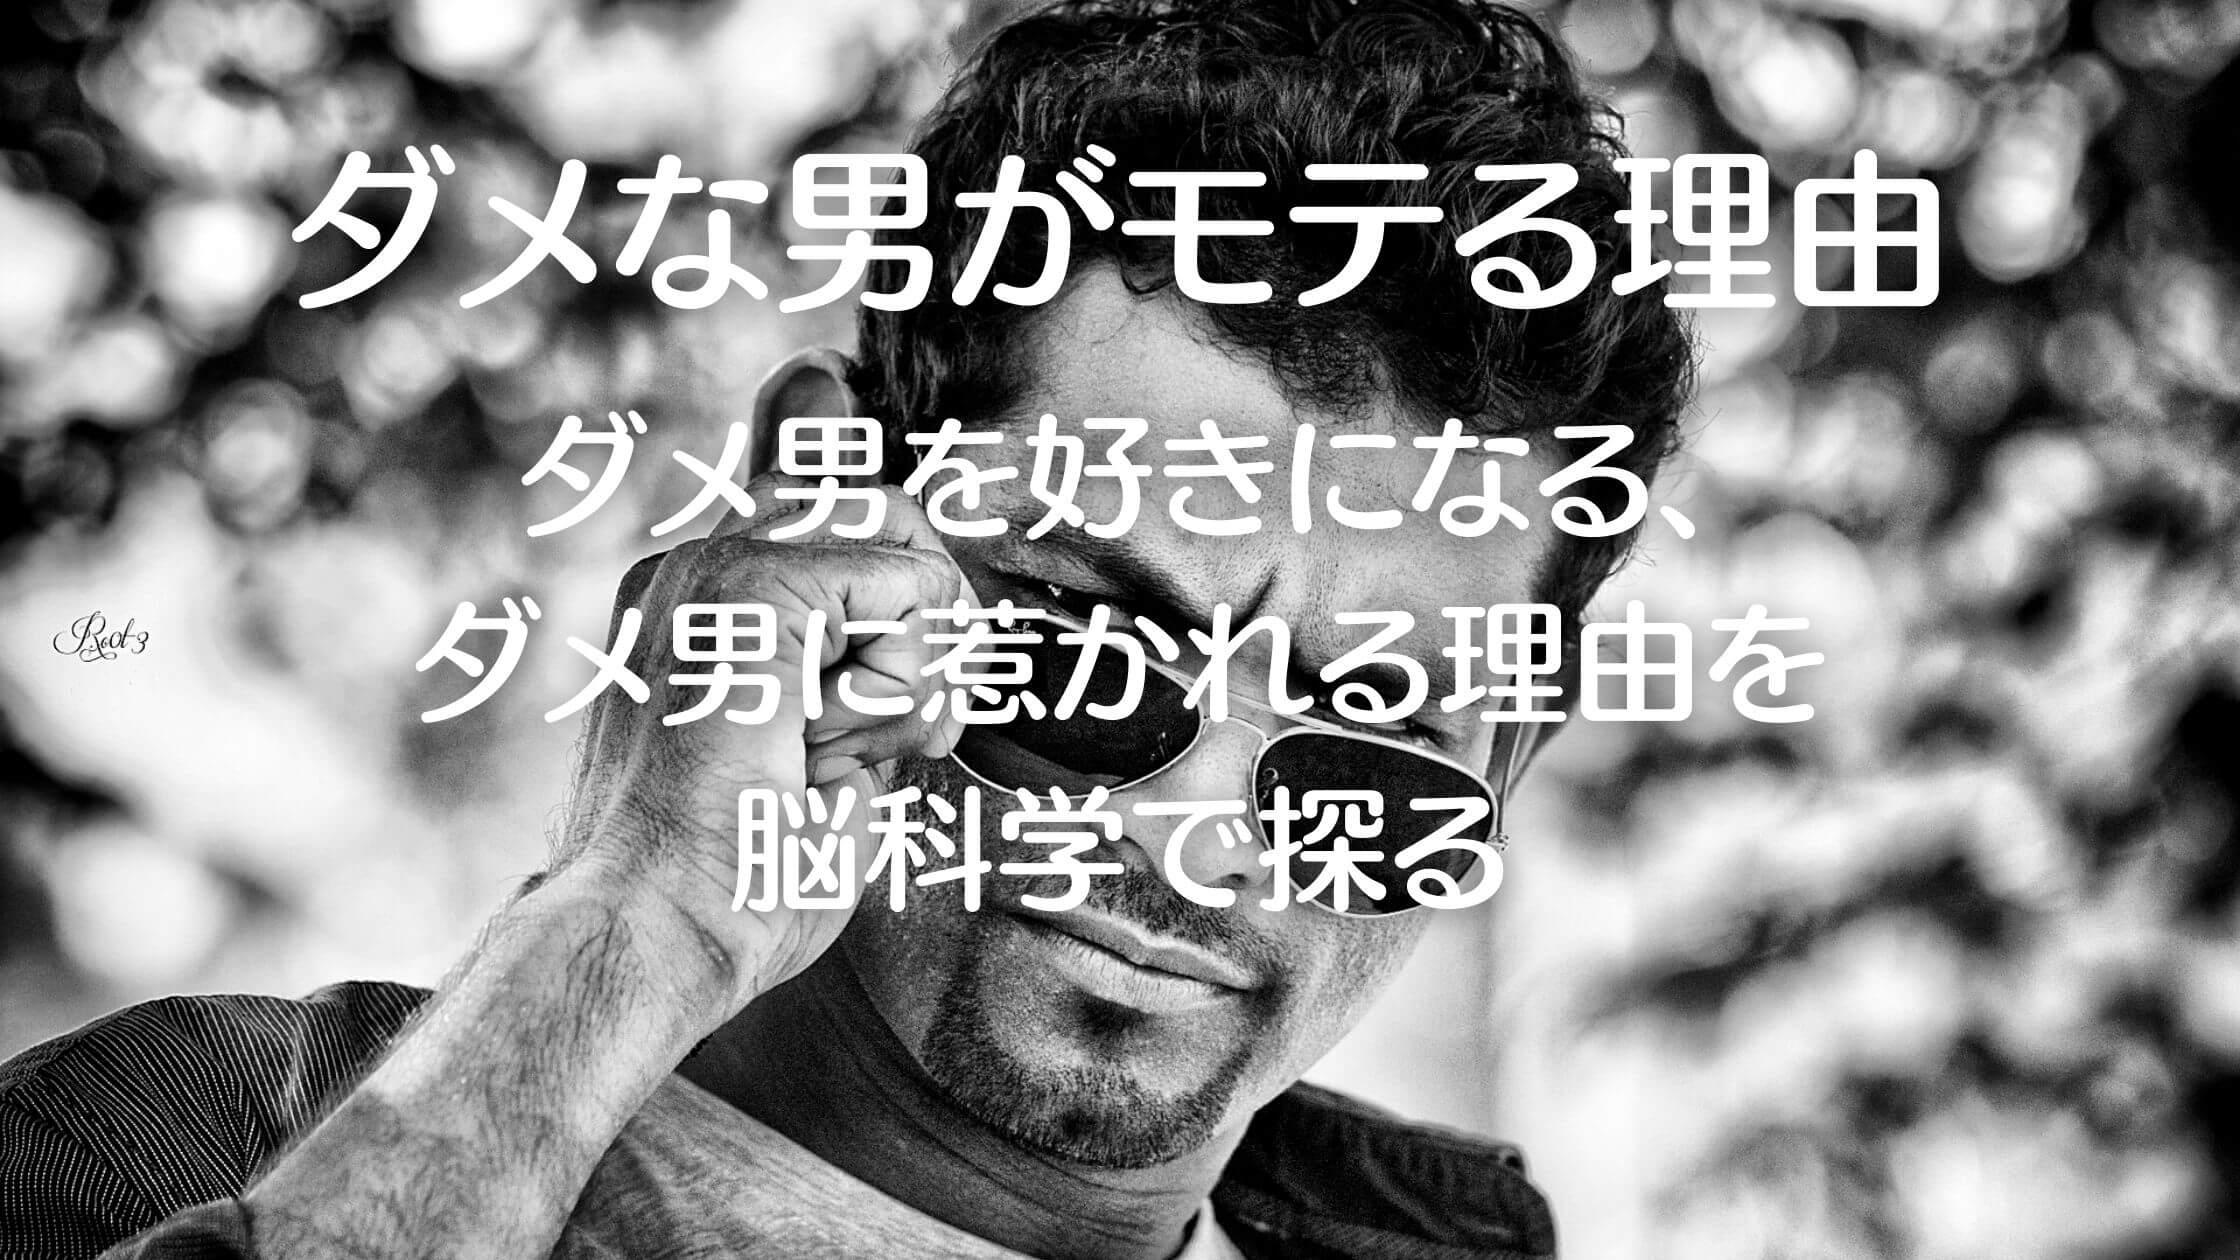 ダメ男-A1